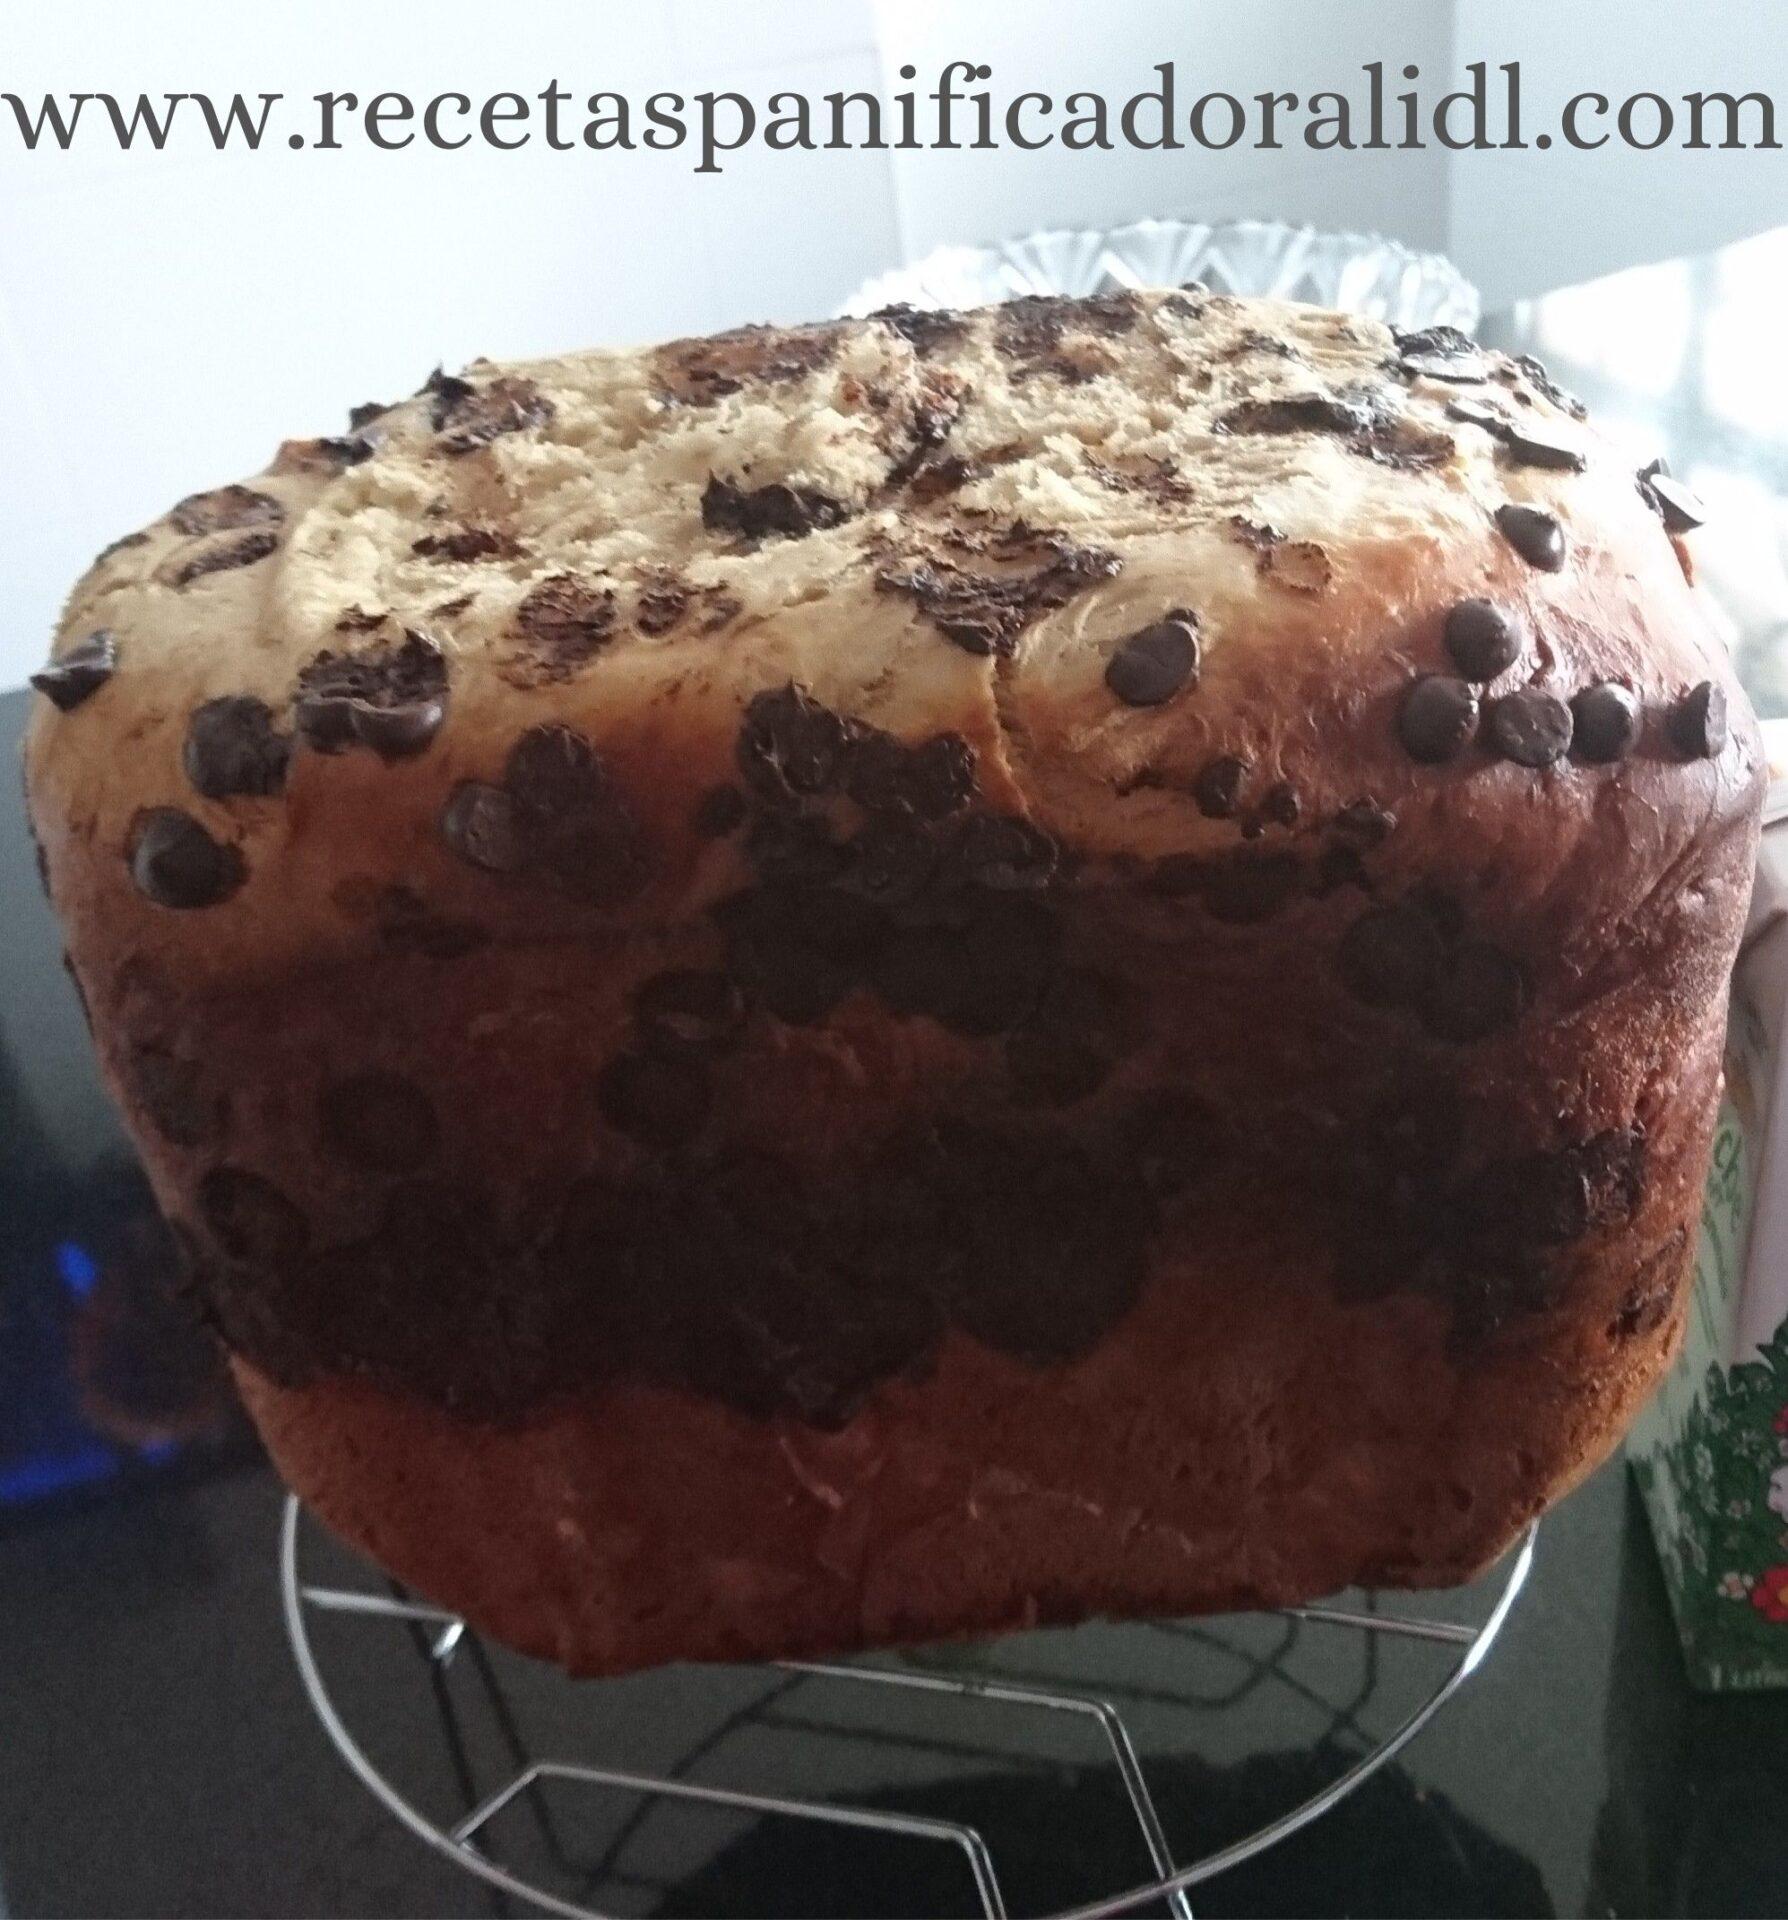 receta sencilla para hacer un brioche con pepitas de chocolate en la panificadora del lidl Silvercrest